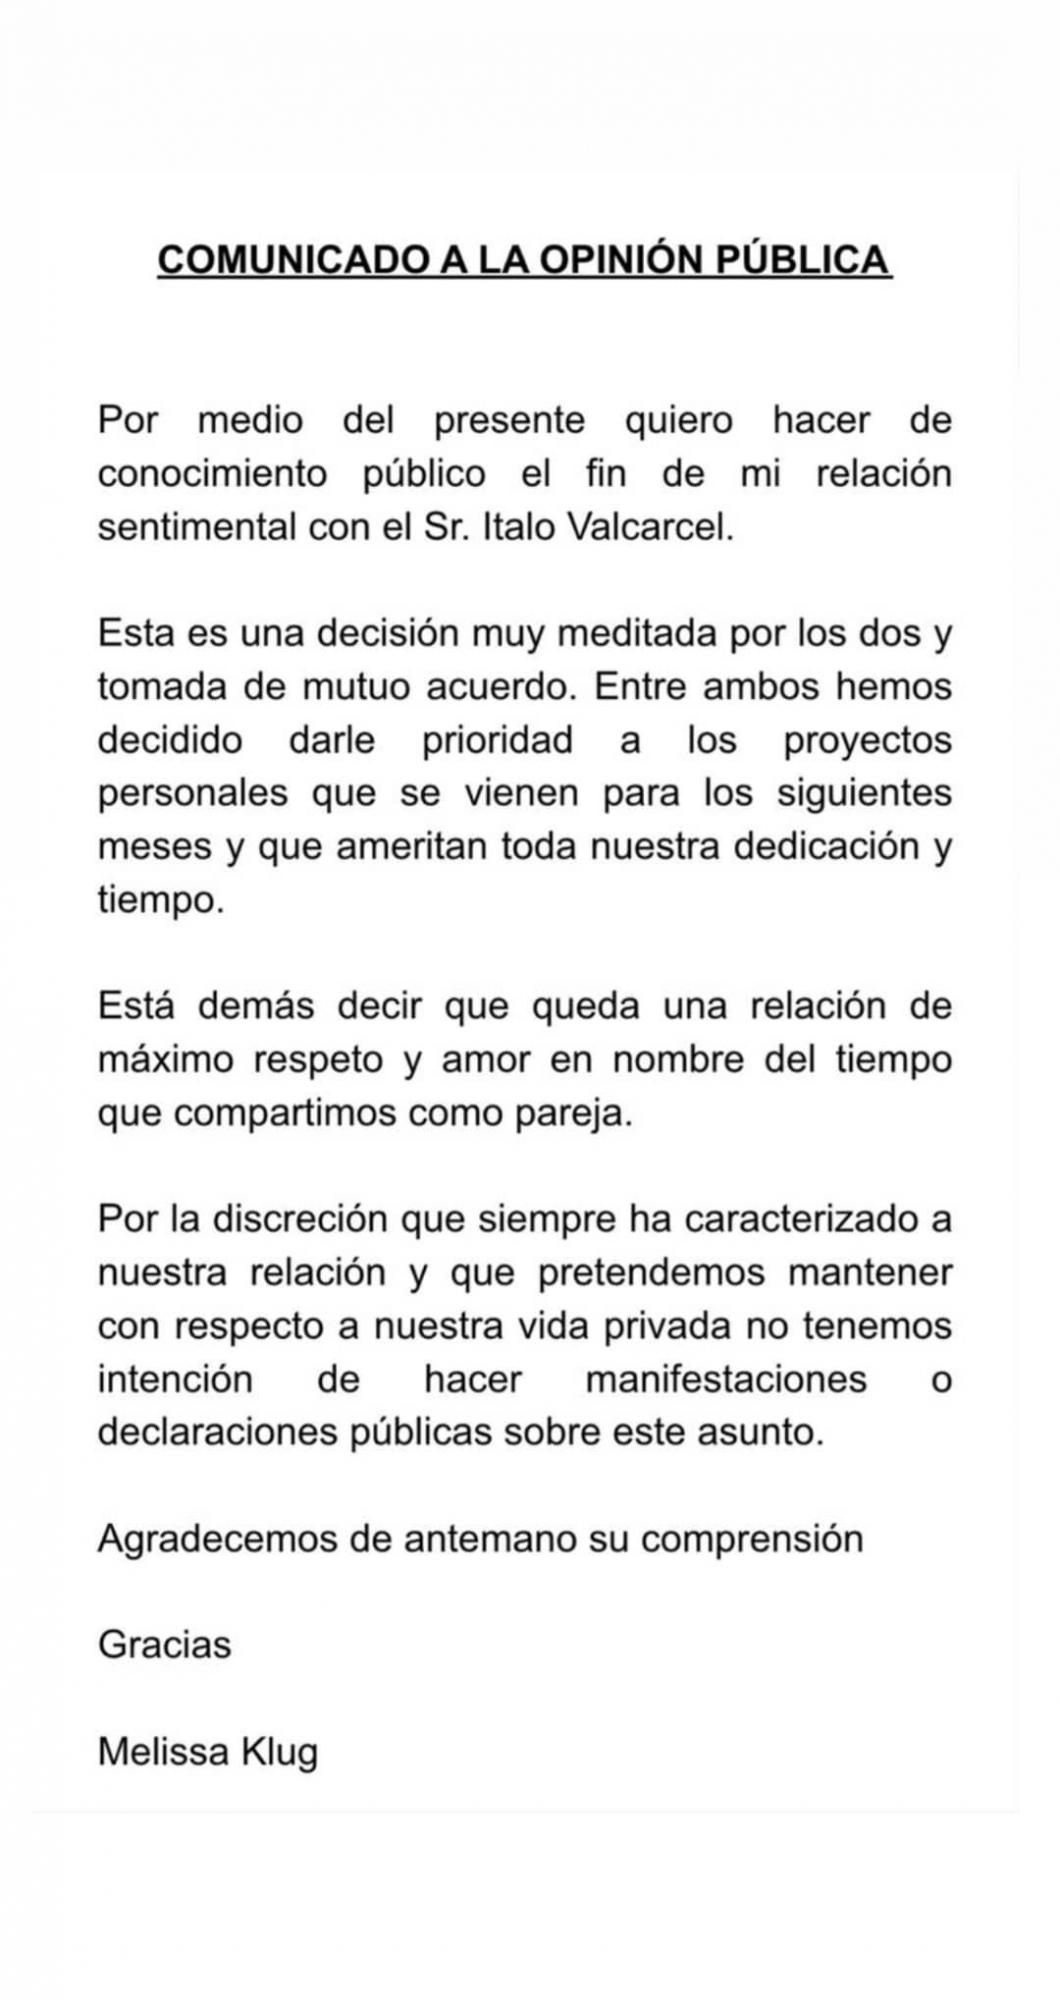 Melissa Klug anuncia el fin de su relación con Ítalo Valcárcel en Instagram. (Foto: Instagram)